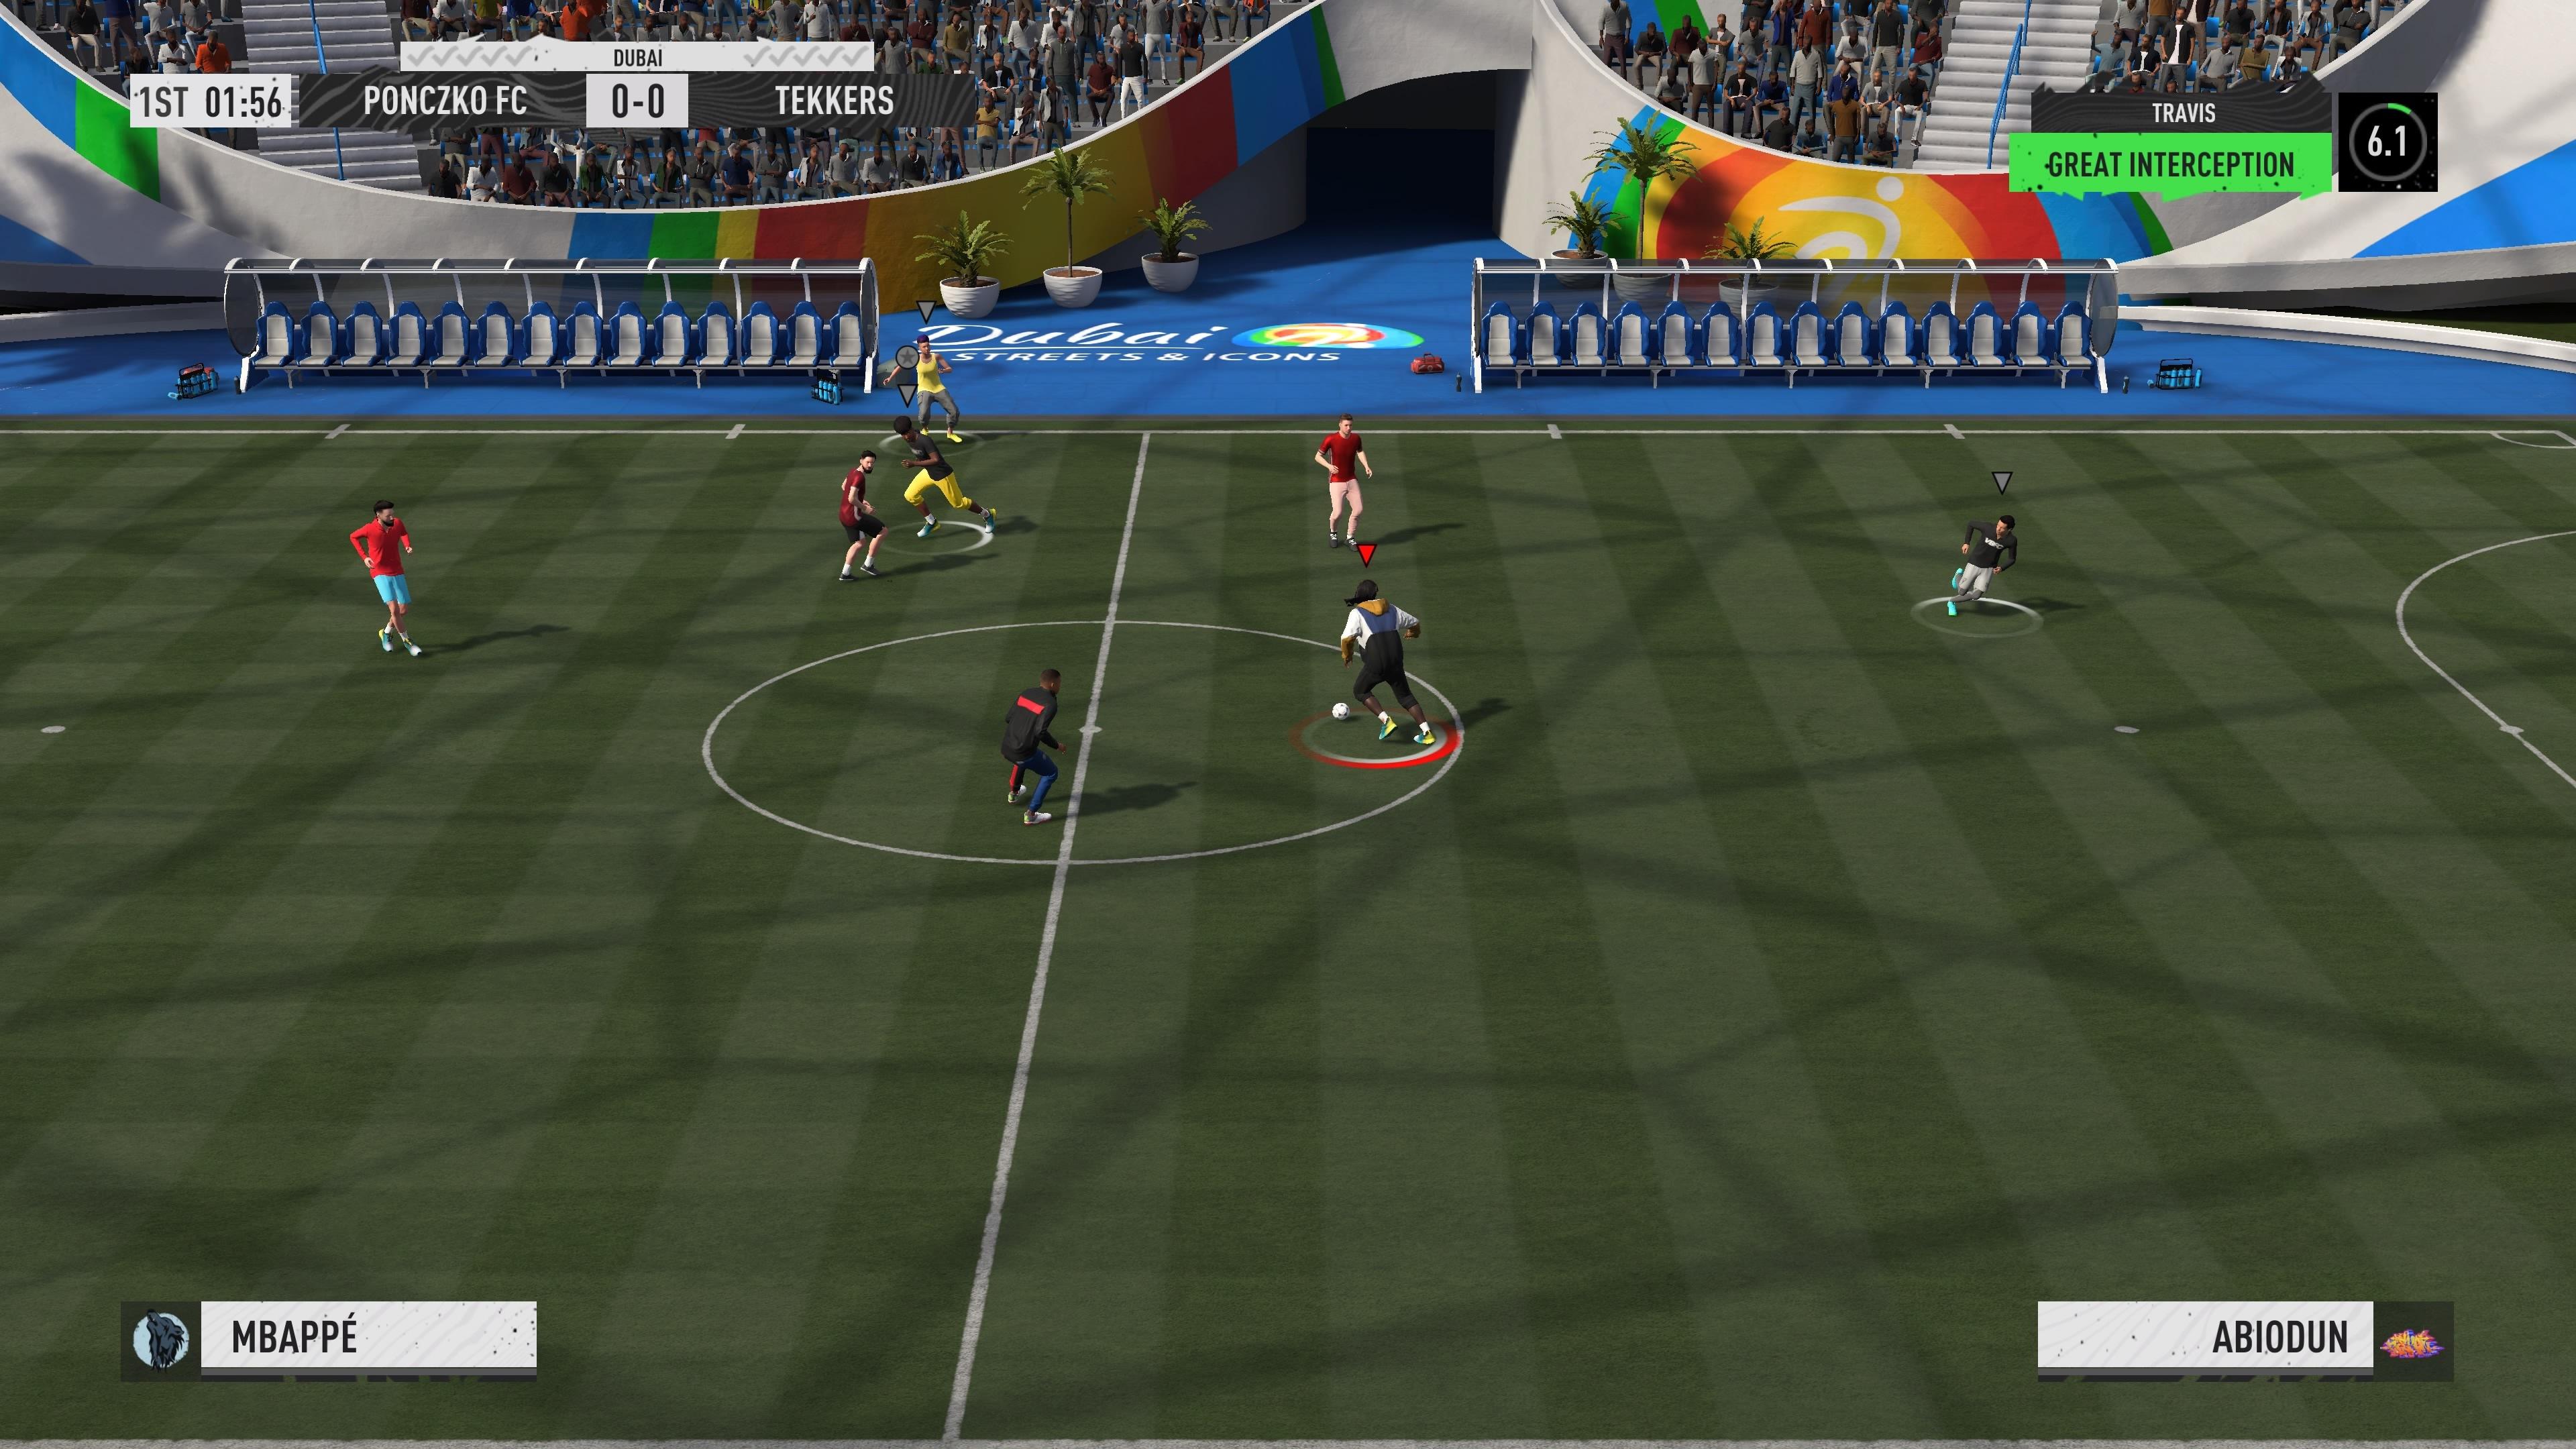 هوش مصنوعی FIFA 2021